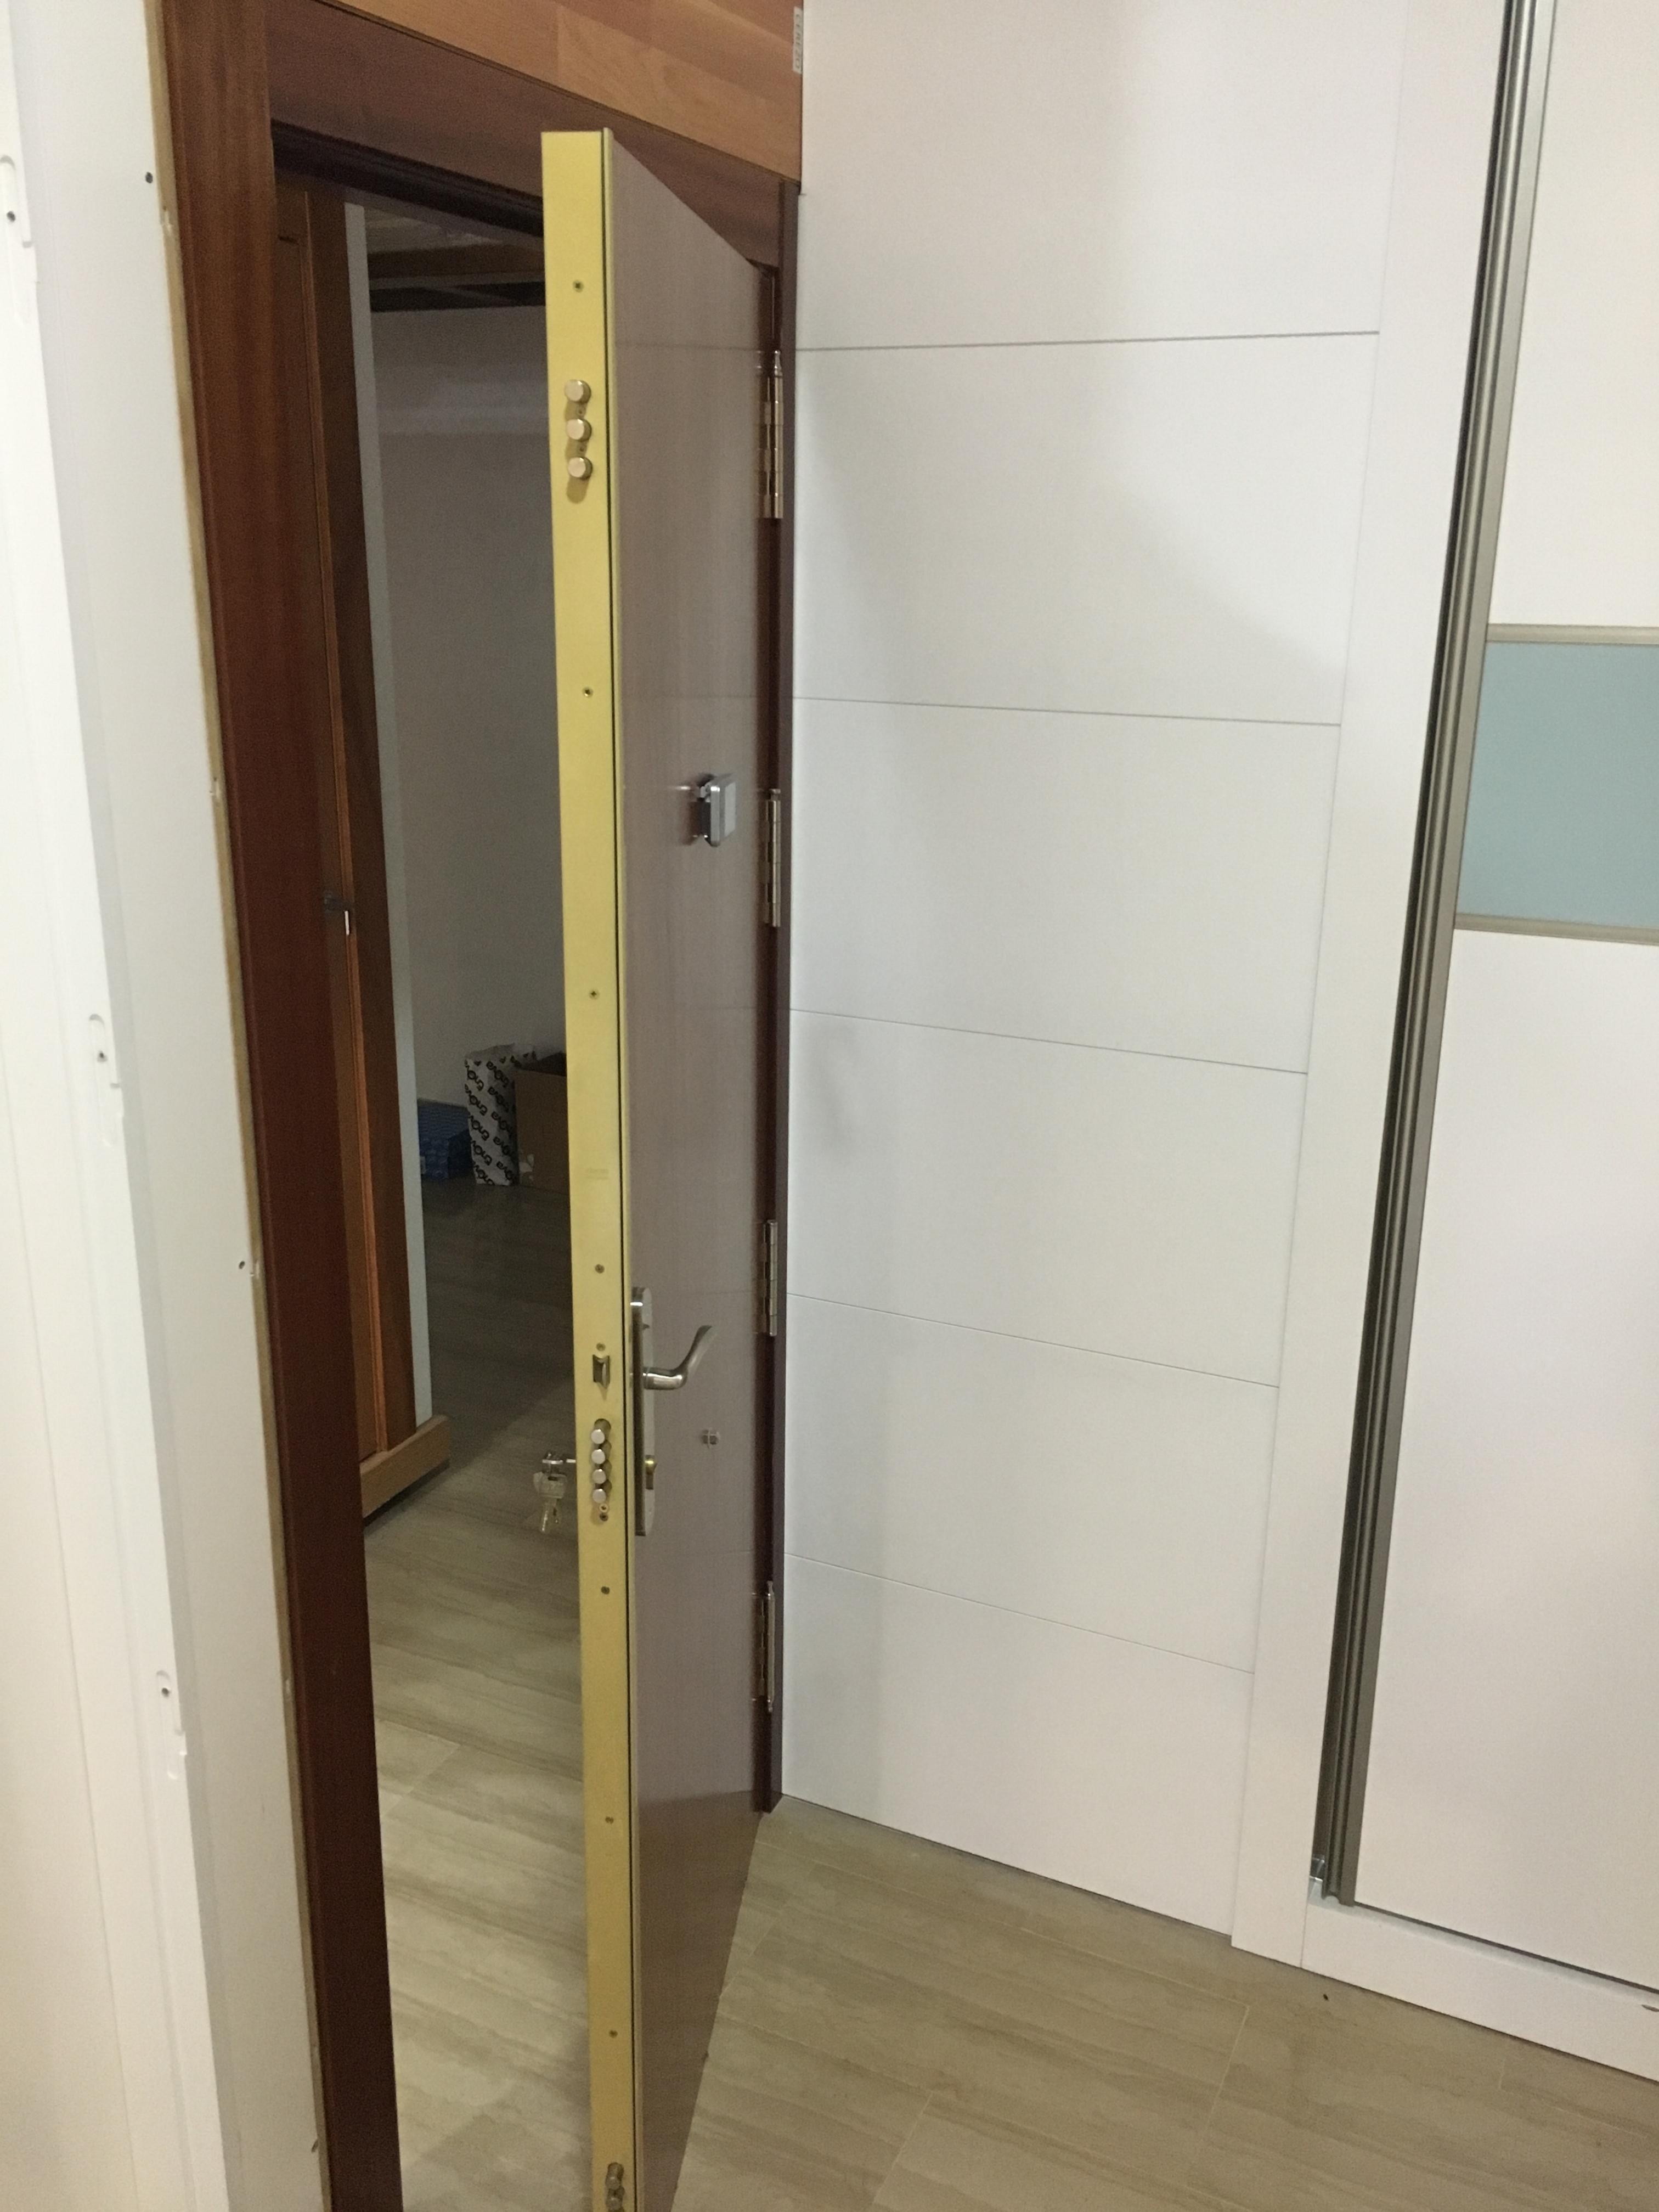 Movidecor 2002 sl puerta de entrada para piso - Aislar puerta entrada piso ...